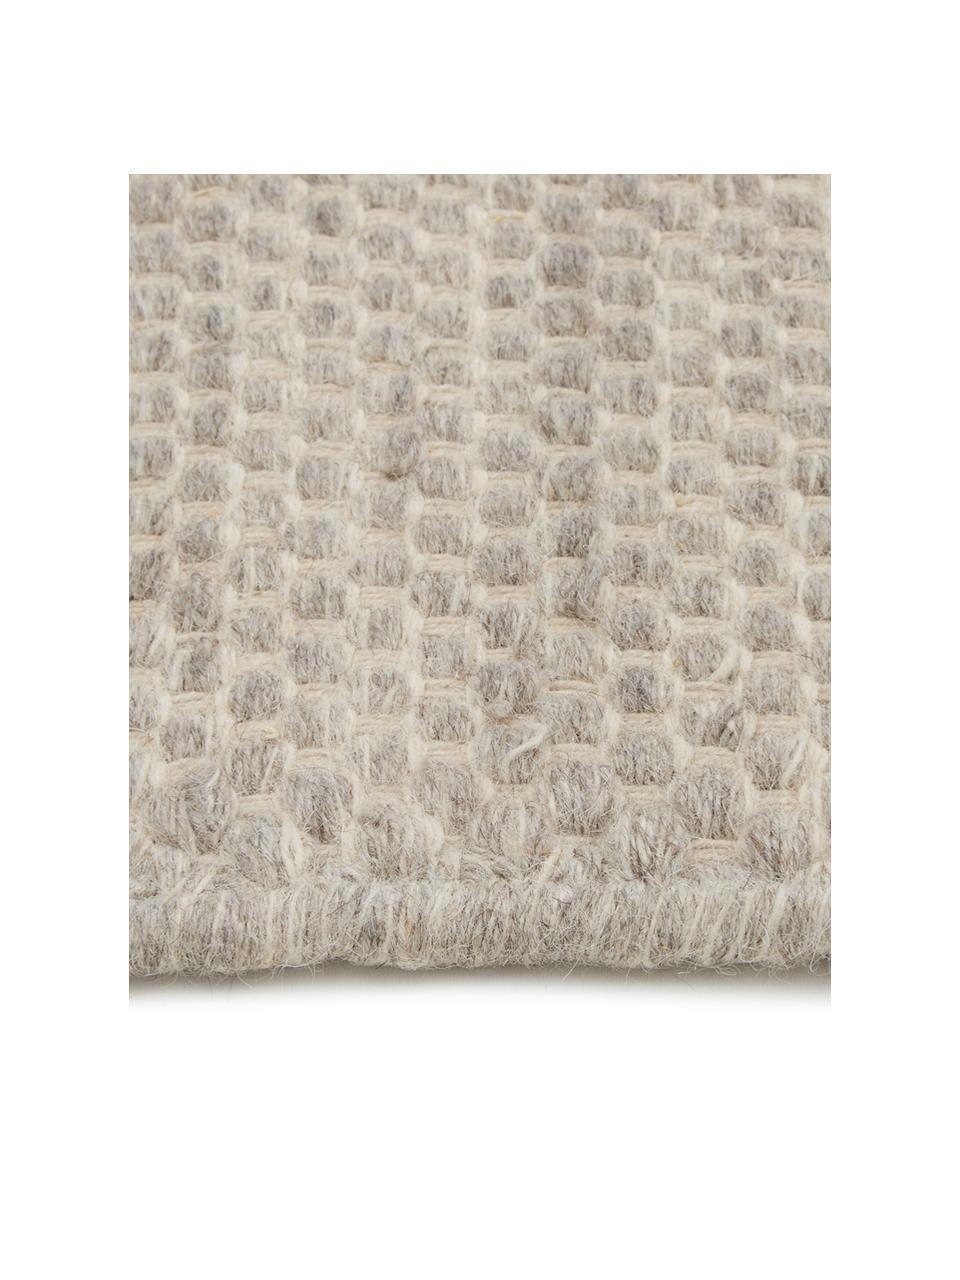 Tappeto in lana tessuto a mano Delight, 90% lana, 10% cotone Nel caso dei tappeti di lana, le fibre possono staccarsi nelle prime settimane di utilizzo, questo e la formazione di lanugine si riducono con l'uso quotidiano, Grigio chiaro, Larg. 200 x Lung. 300 cm (taglia L)